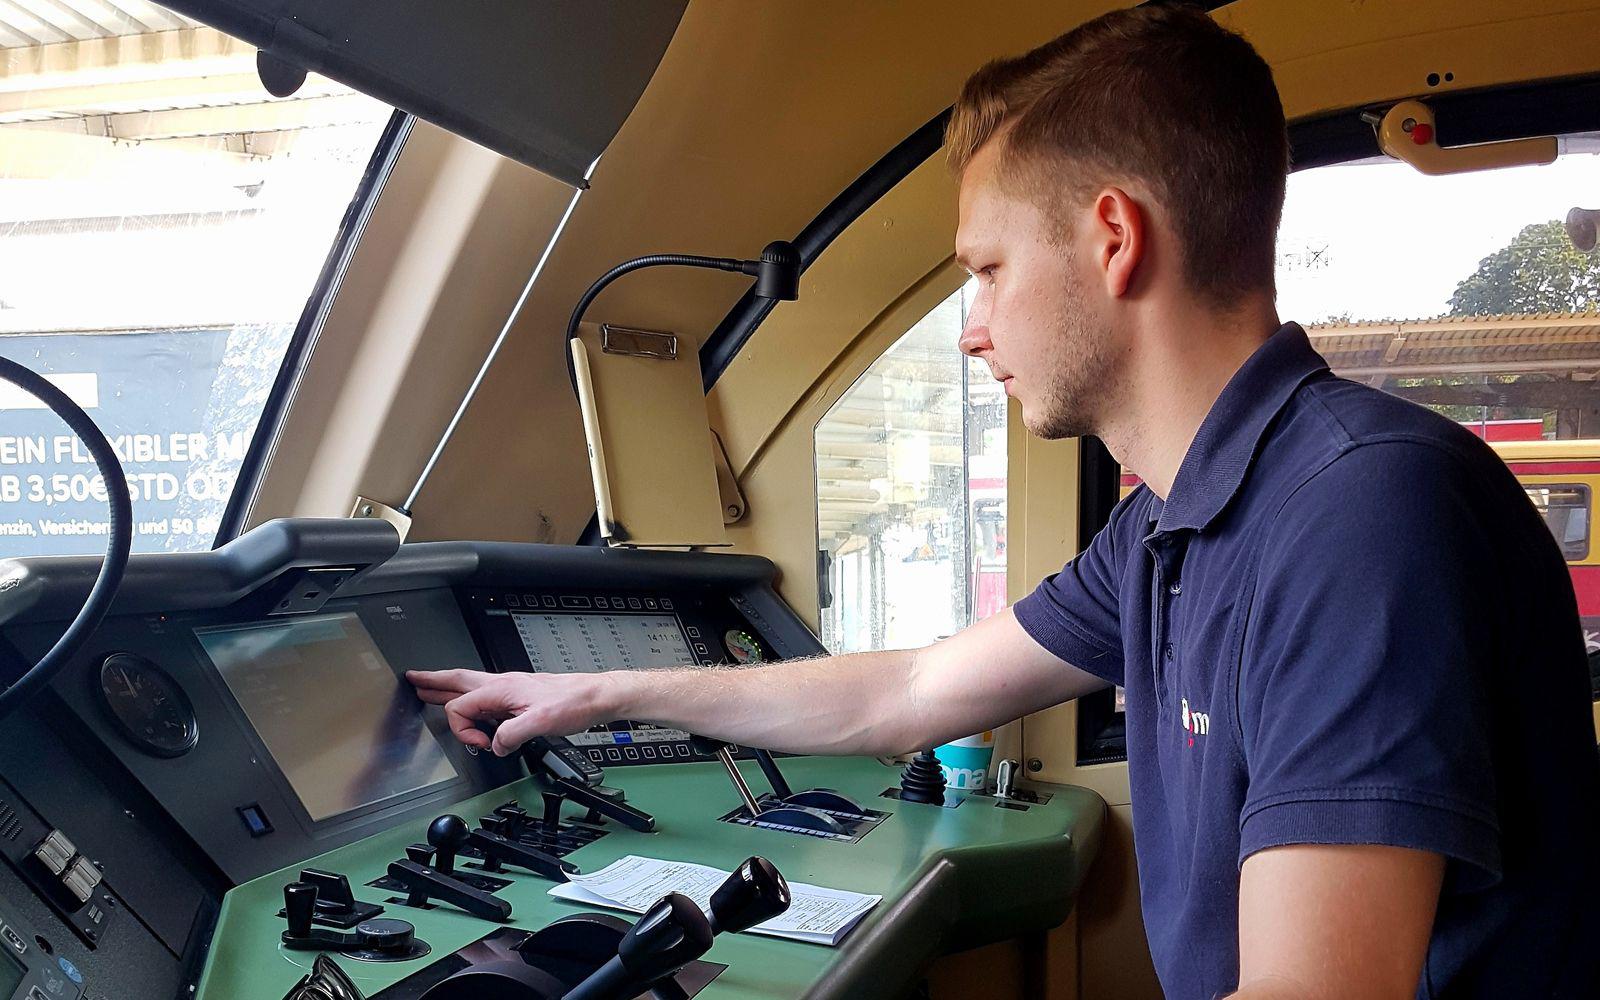 Railmen Tf sitzt im Führerstand und prüft am Monitor den Streckenplan